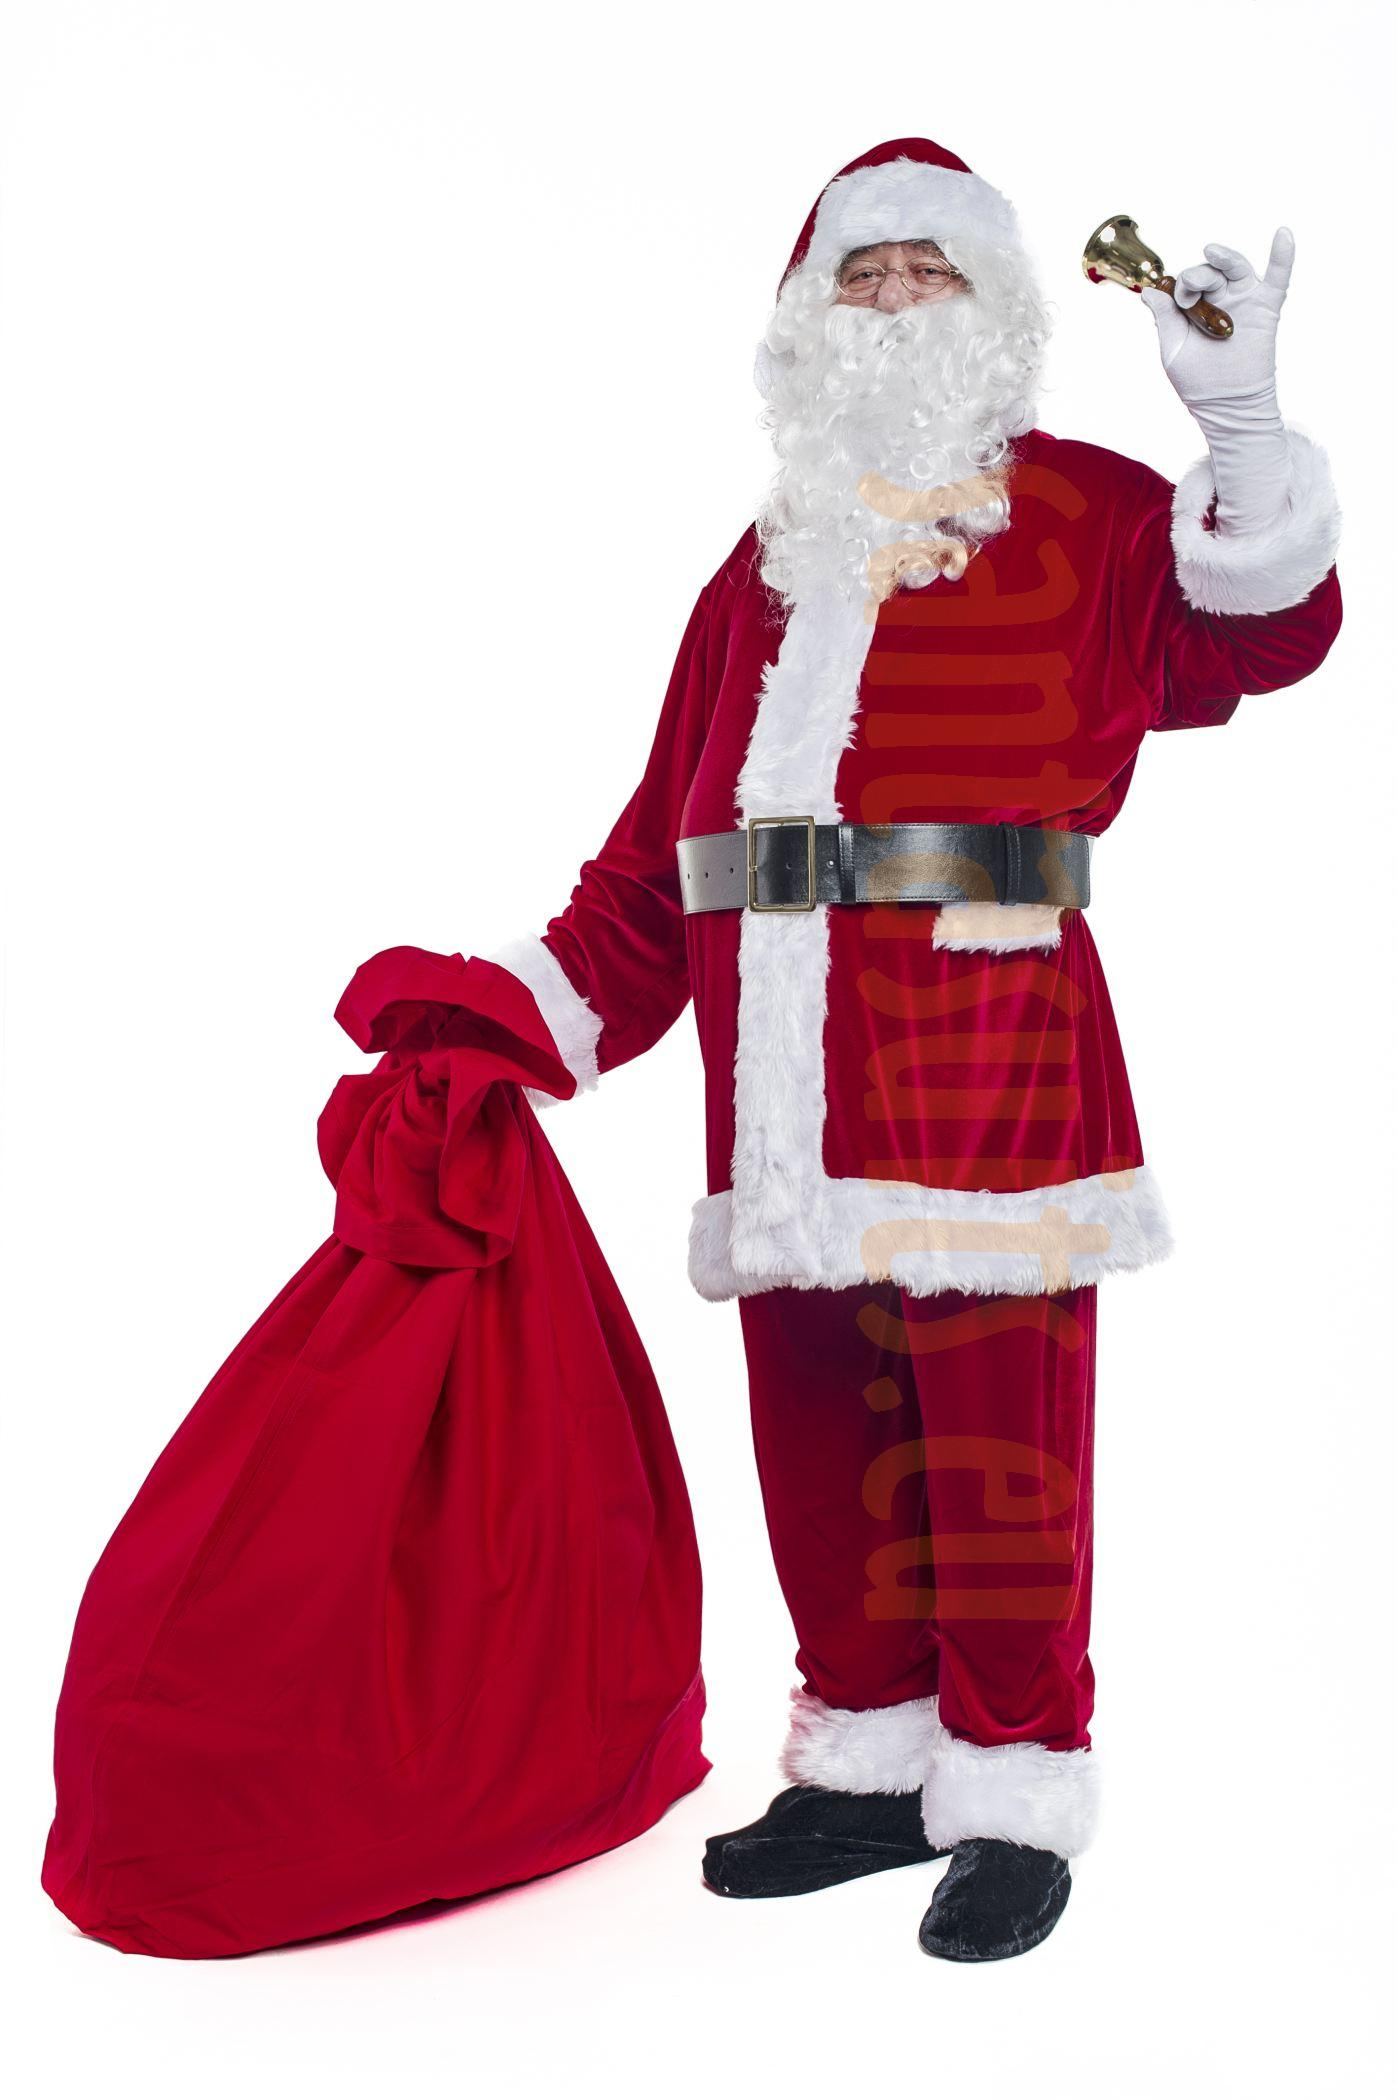 f4a0e06d0a2aa Velour Santa suit with jacket - full set (13 parts plus 4 ...